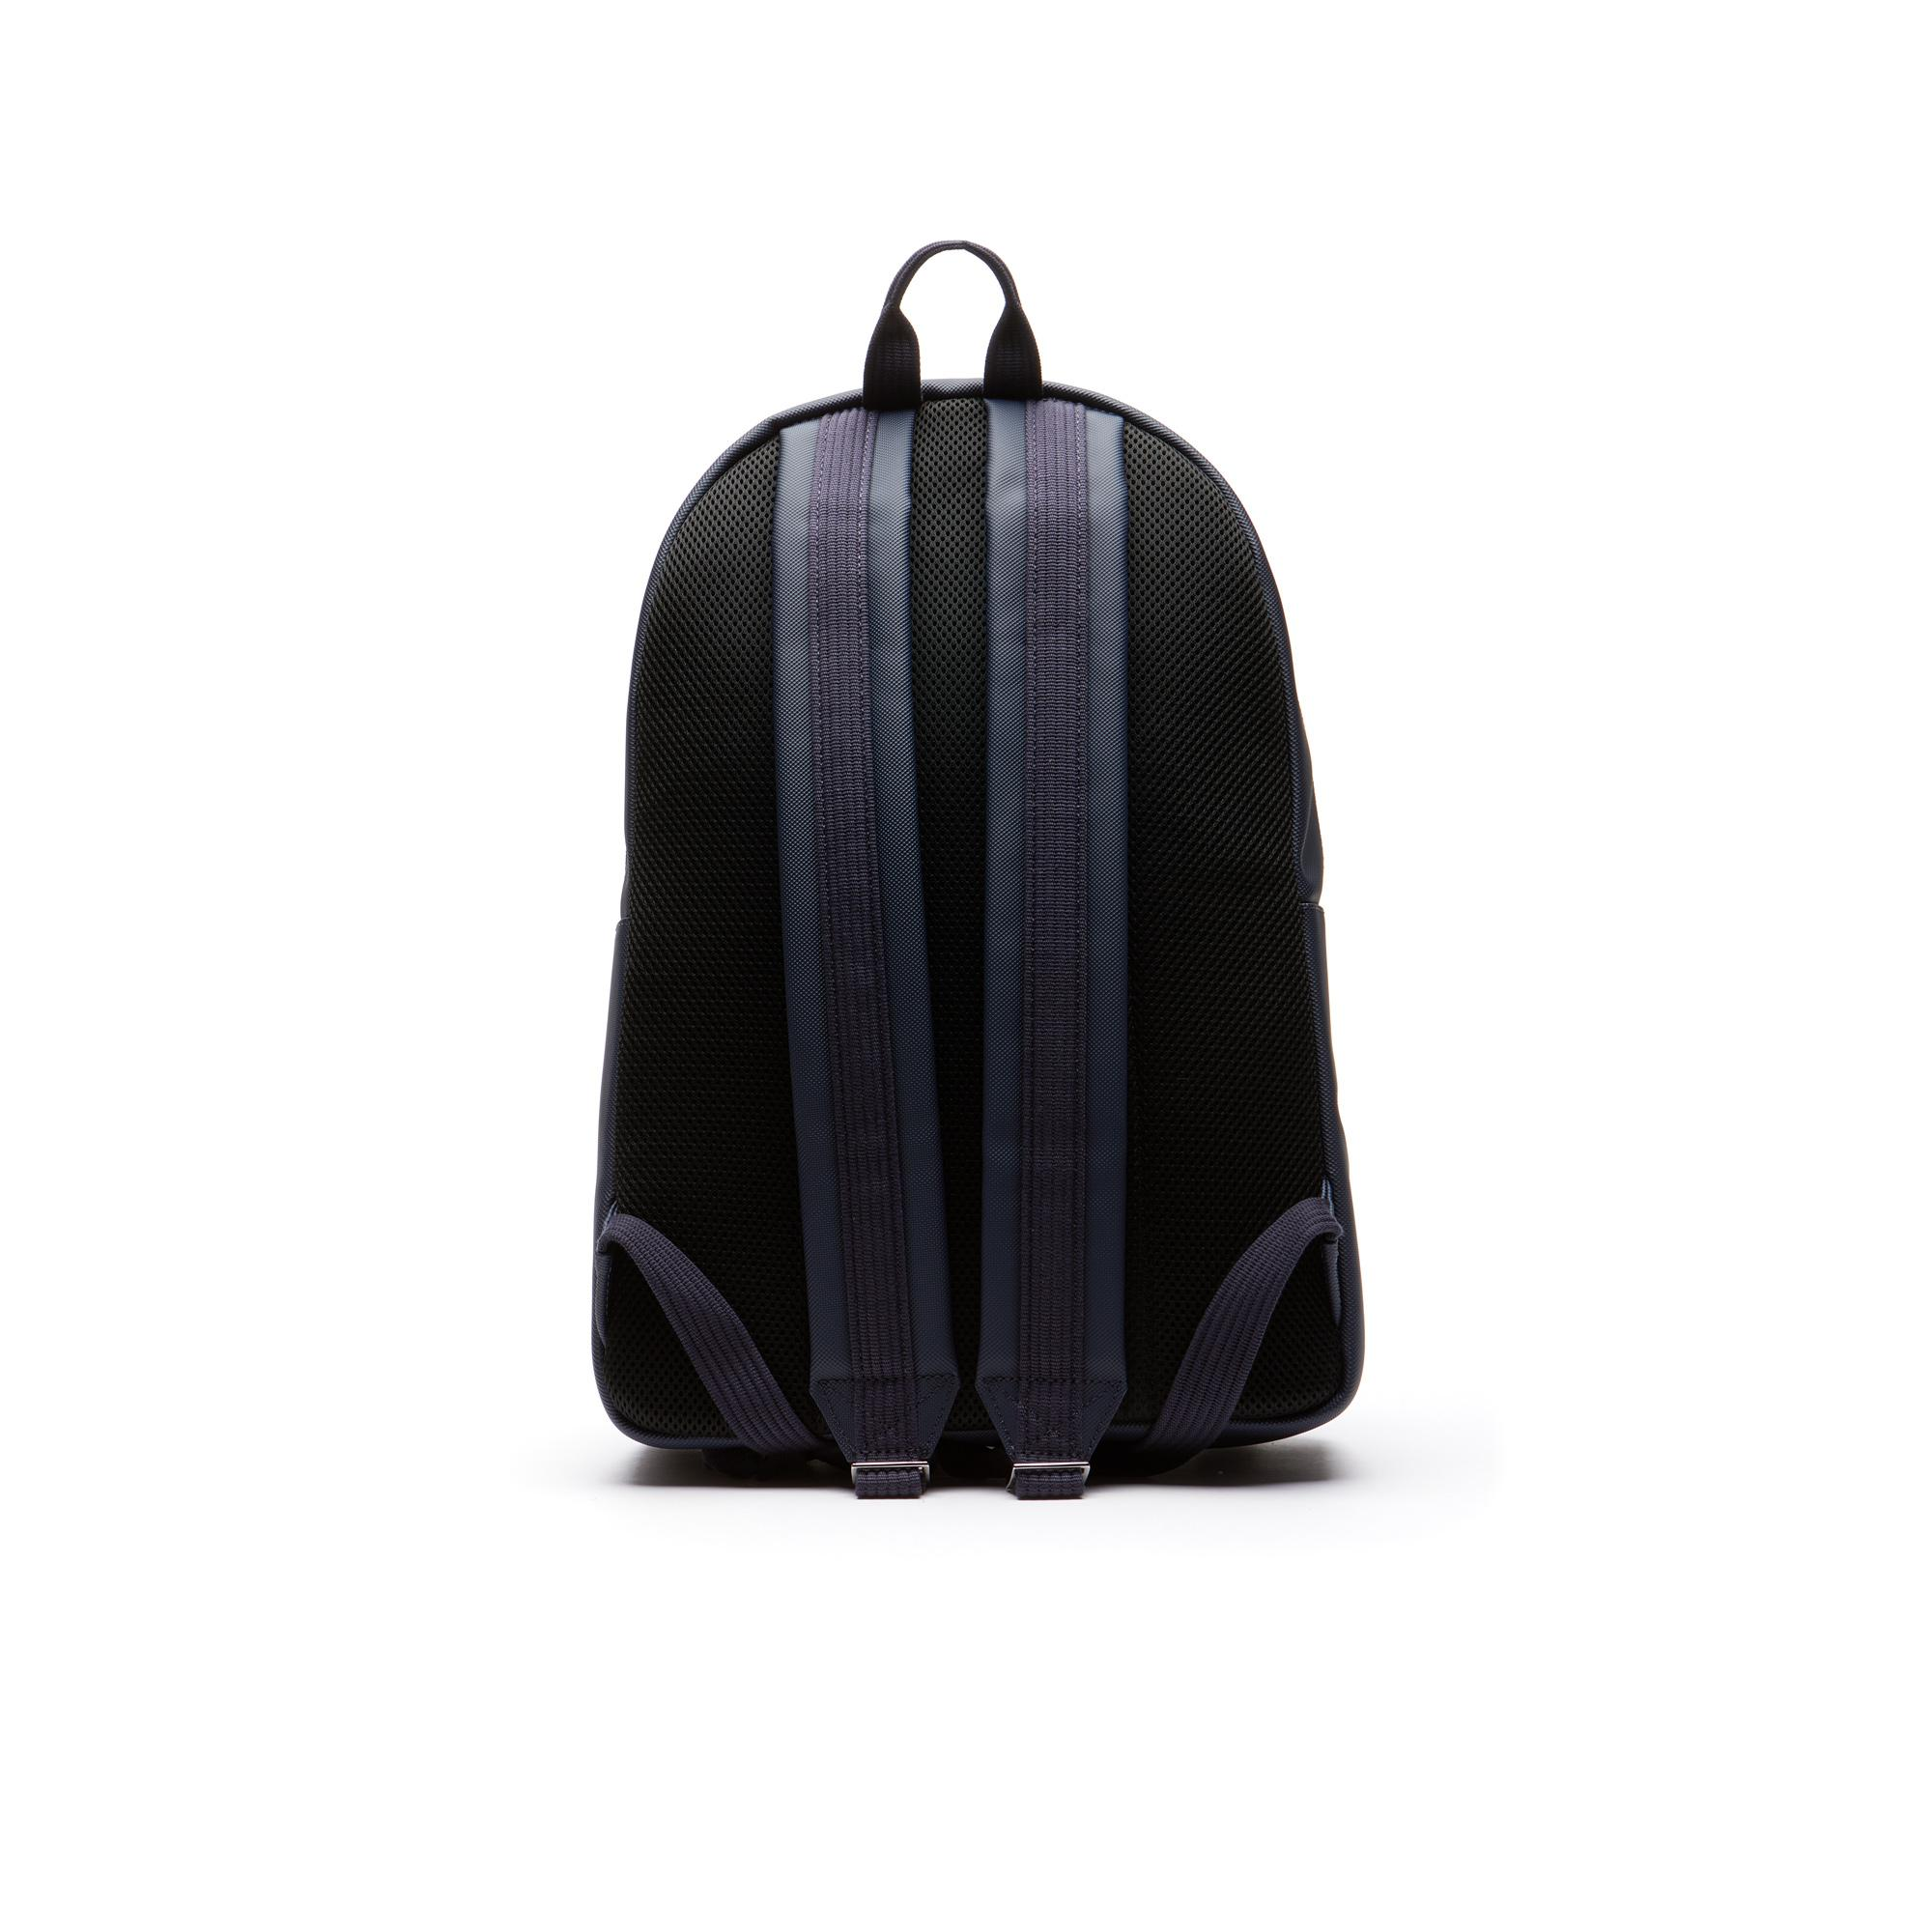 Lacoste Men's Classic Petit Piqué Backpack